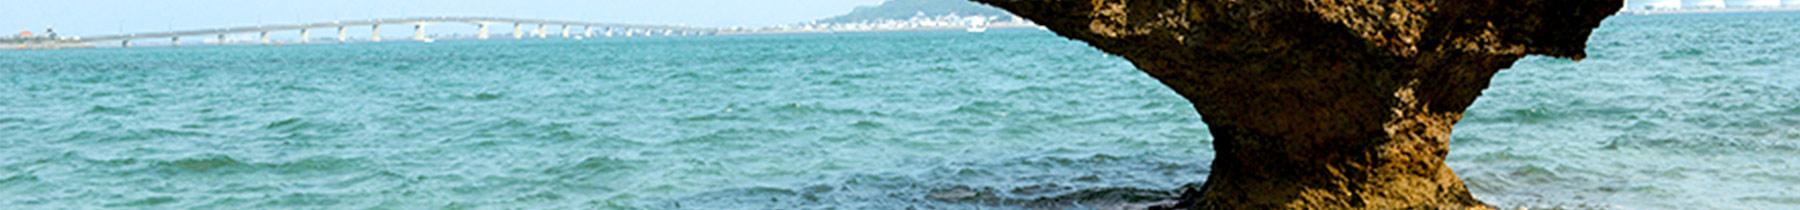 島人のように旅する沖縄